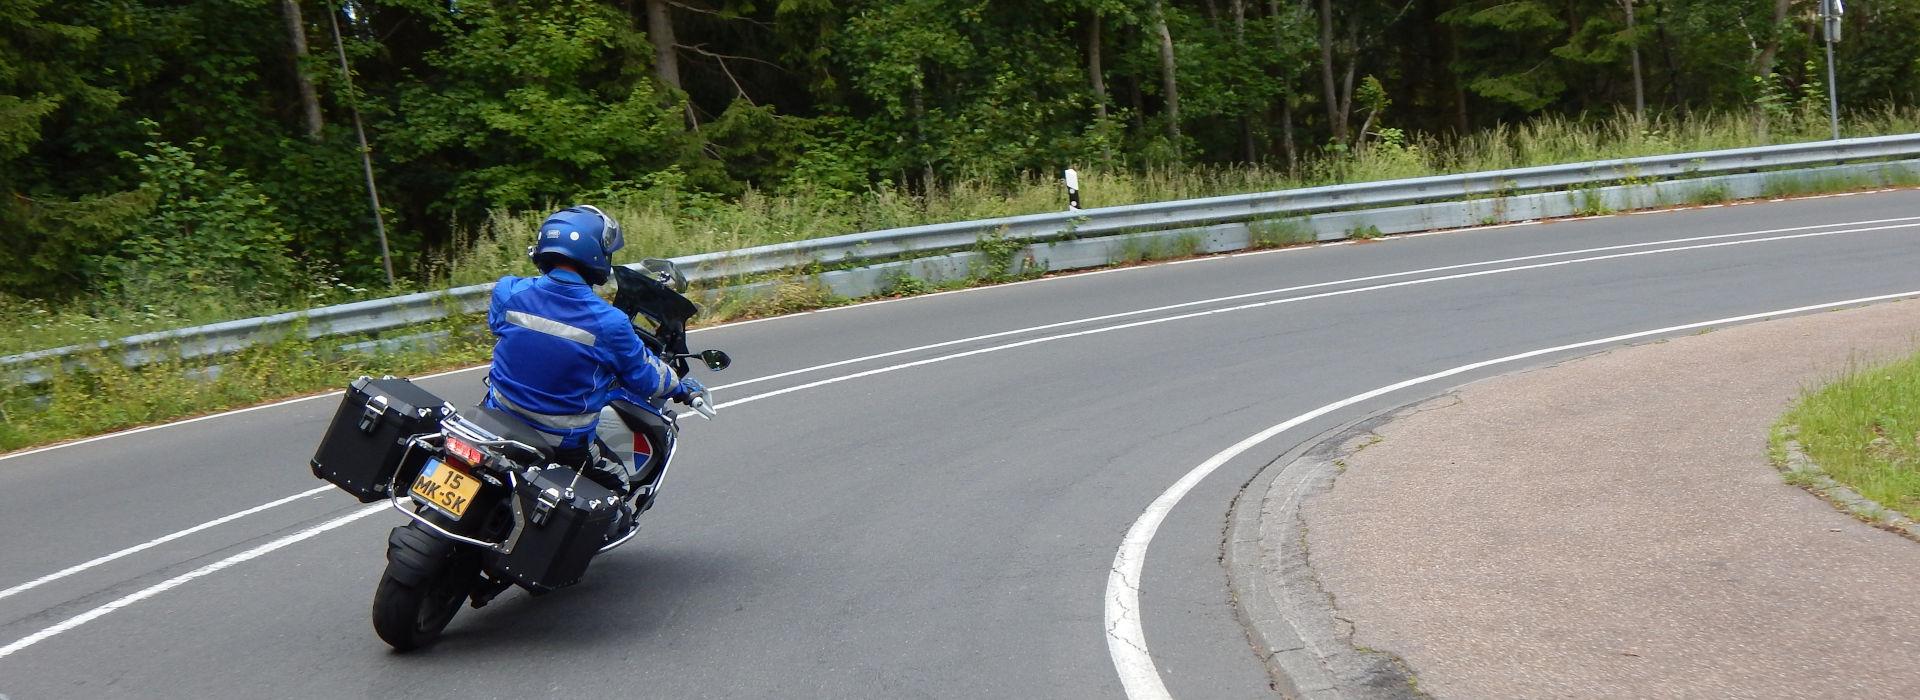 Motorrijbewijspoint Wijk en Aalburg spoed motorrijbewijs